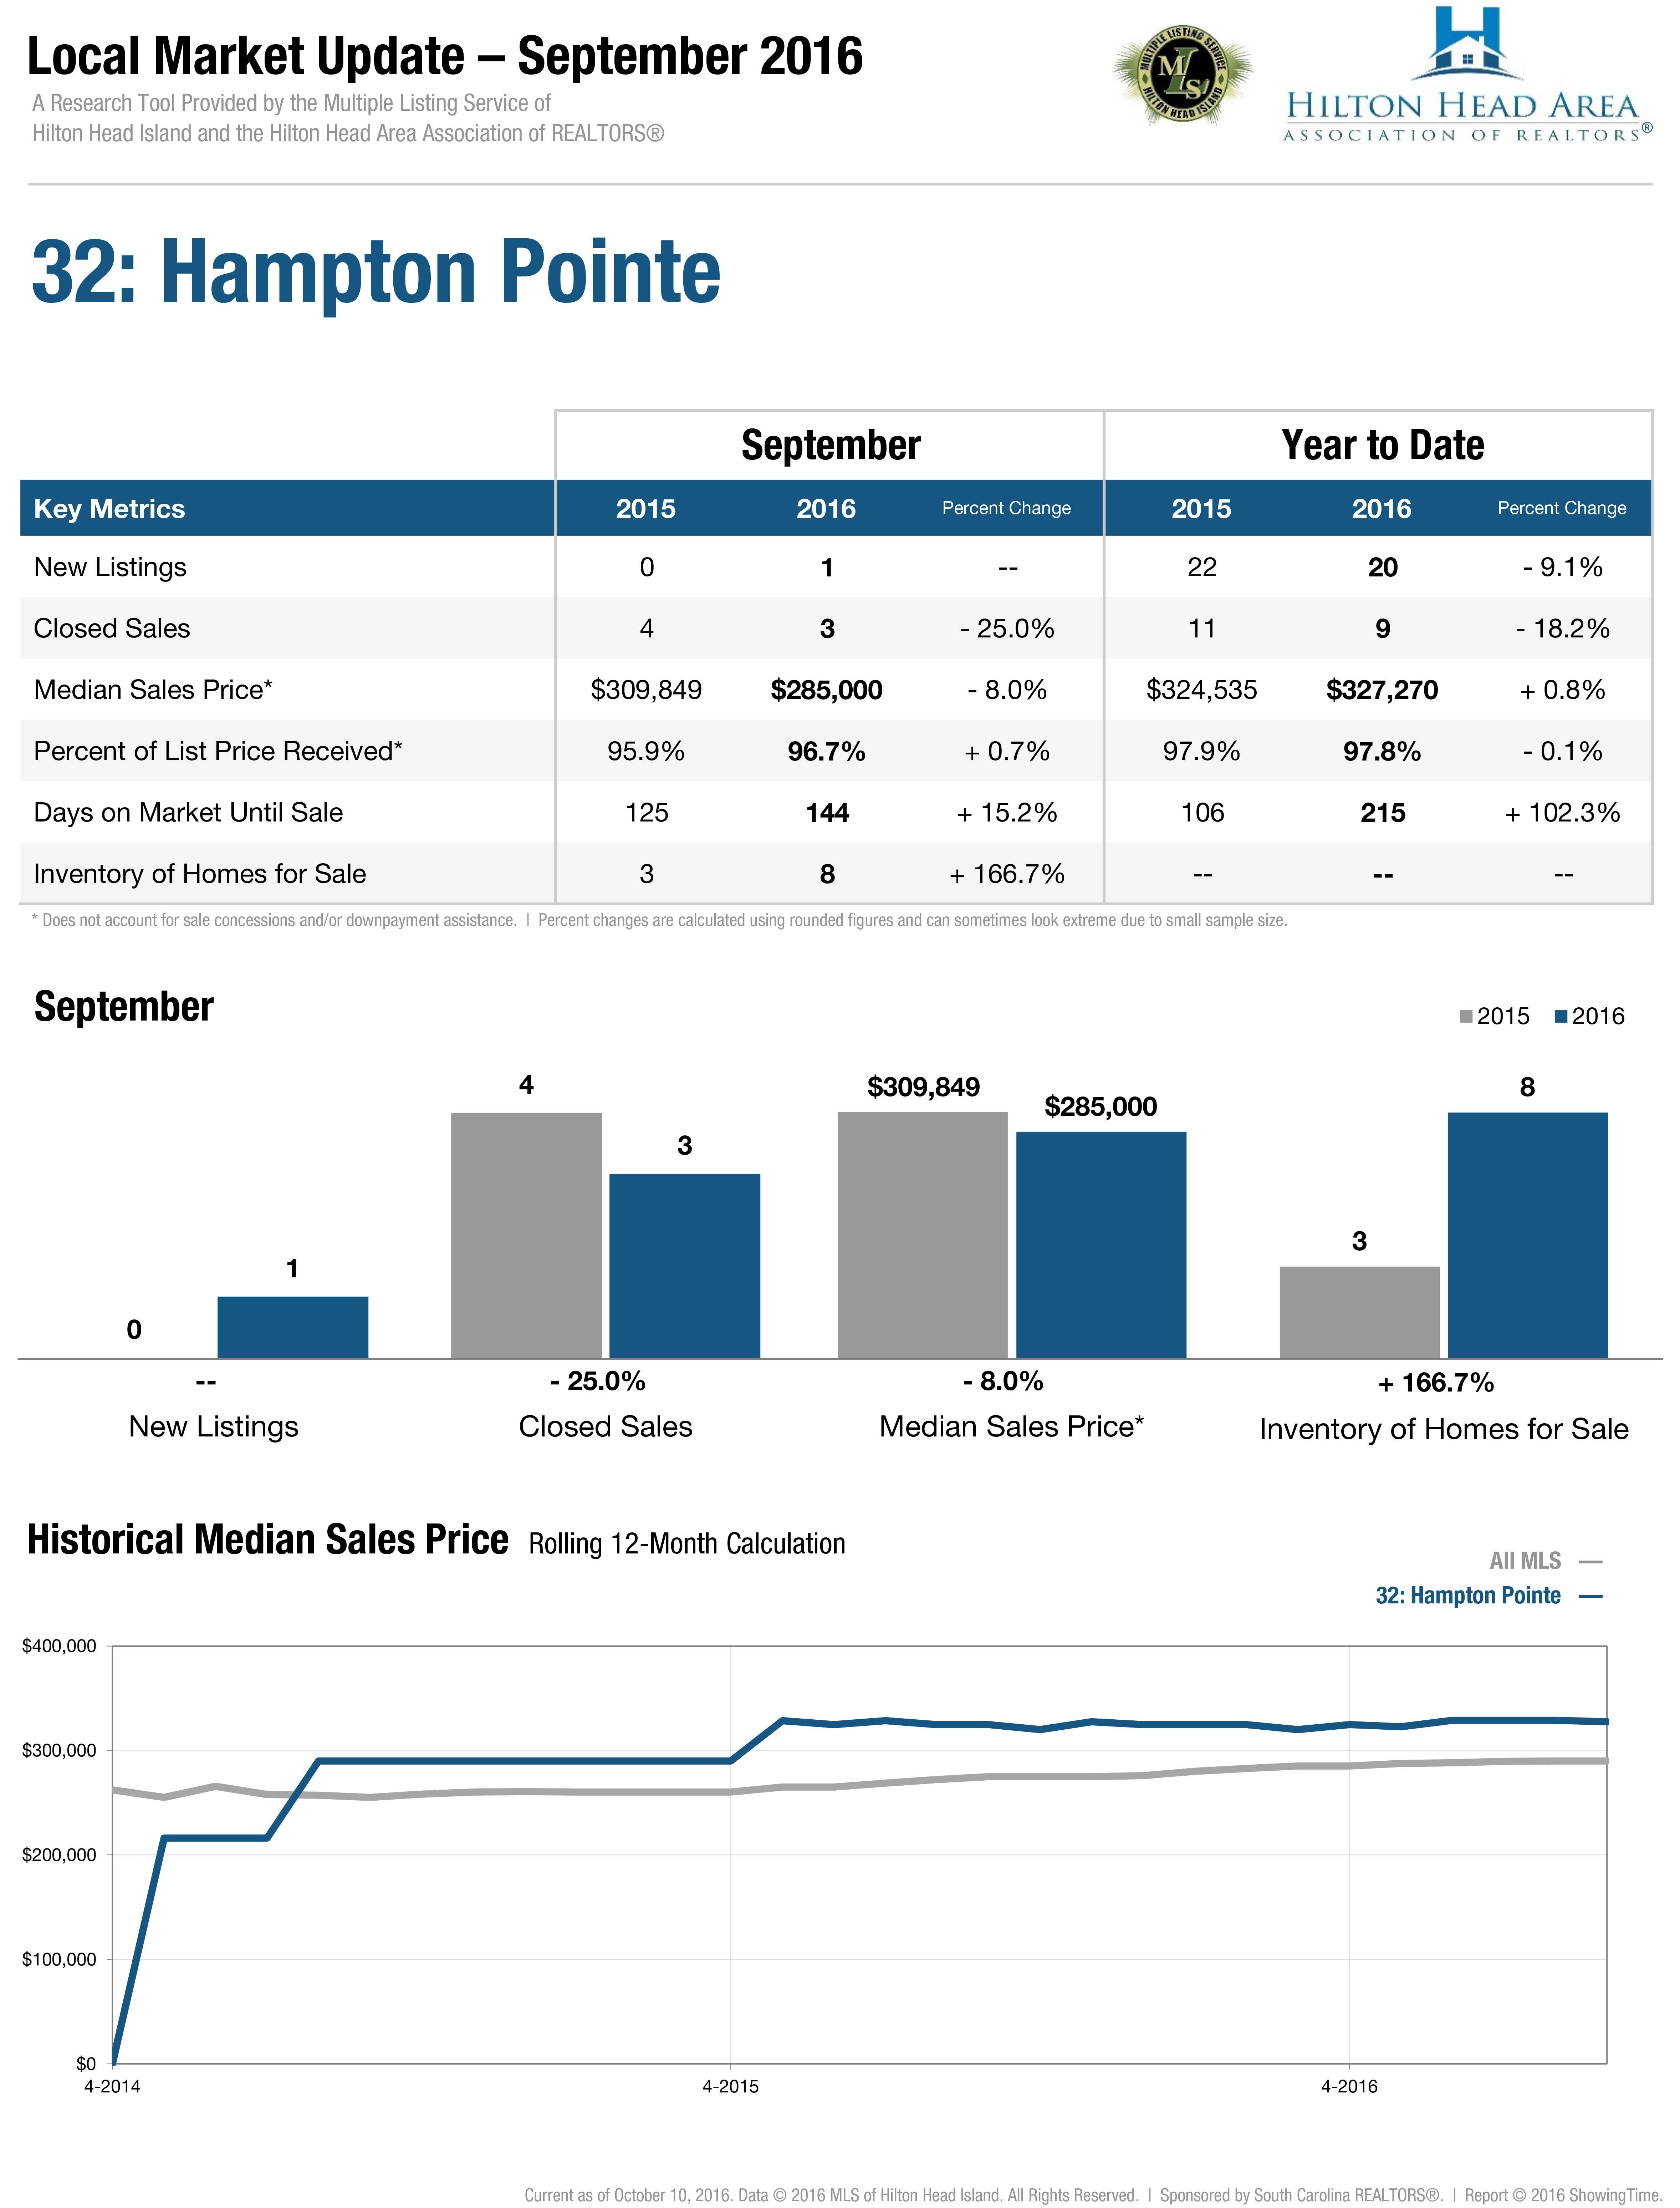 32: Hampton Pointe